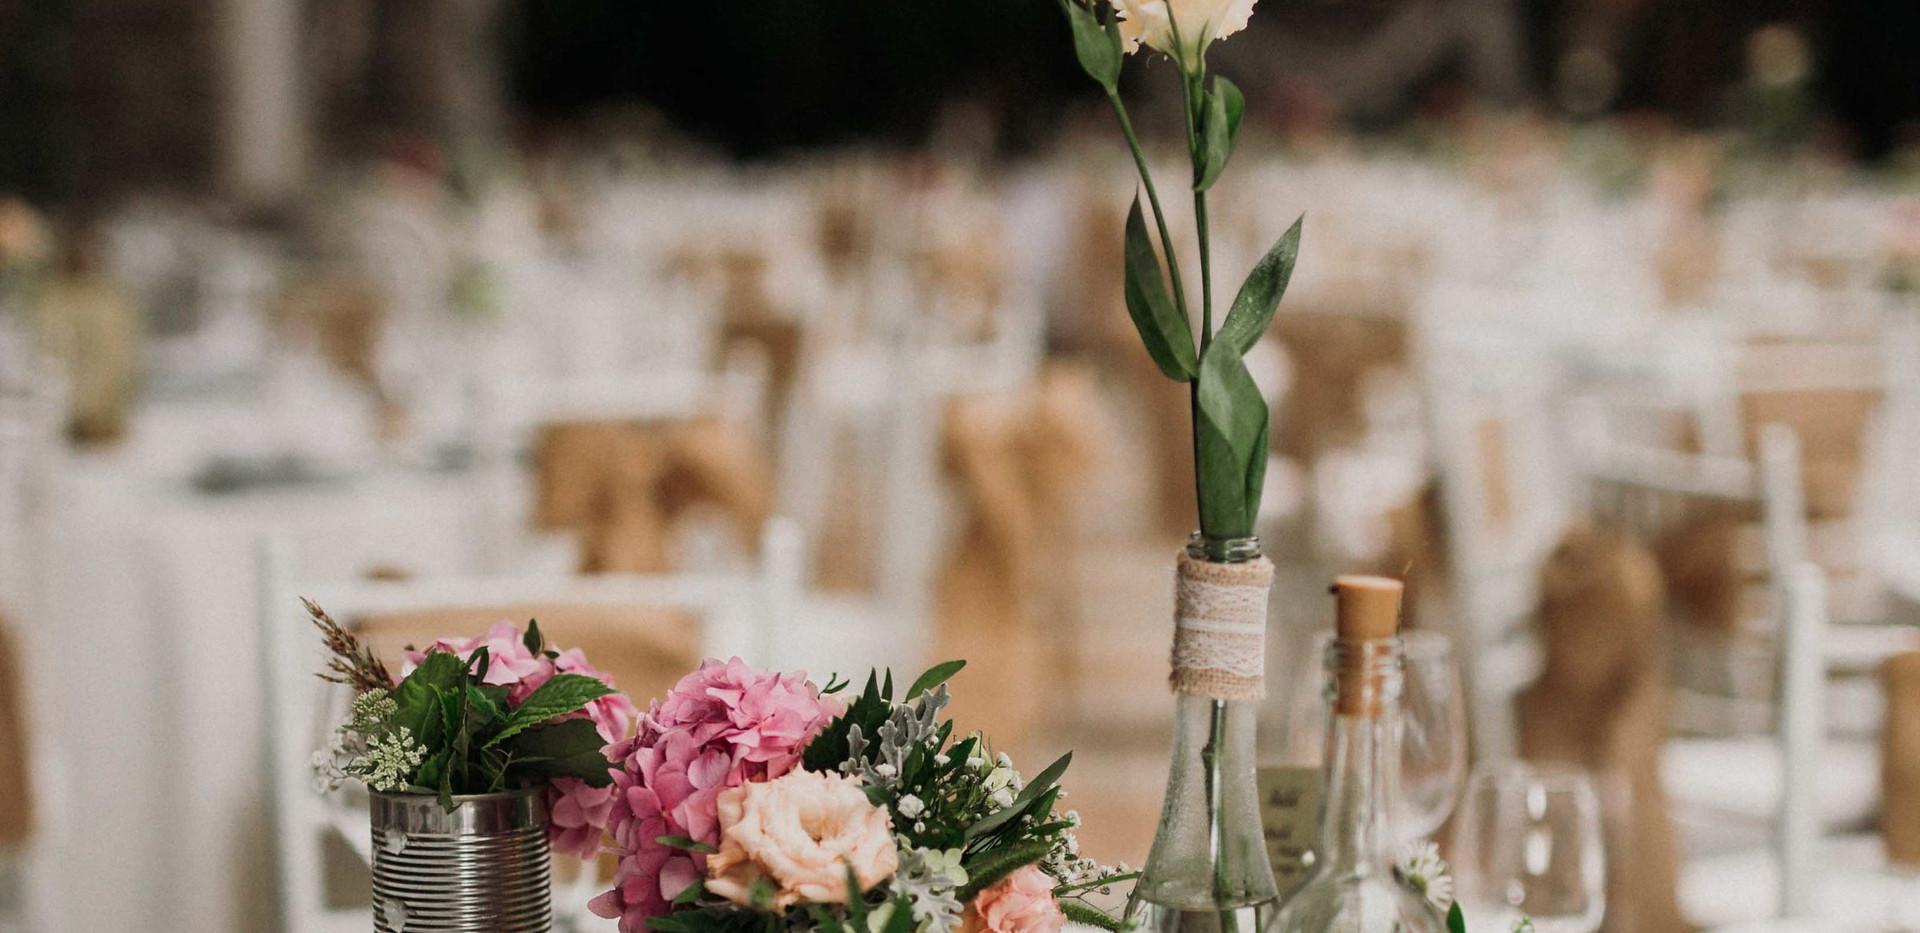 Asztali dekoráció az esküvőn- lakodalmon